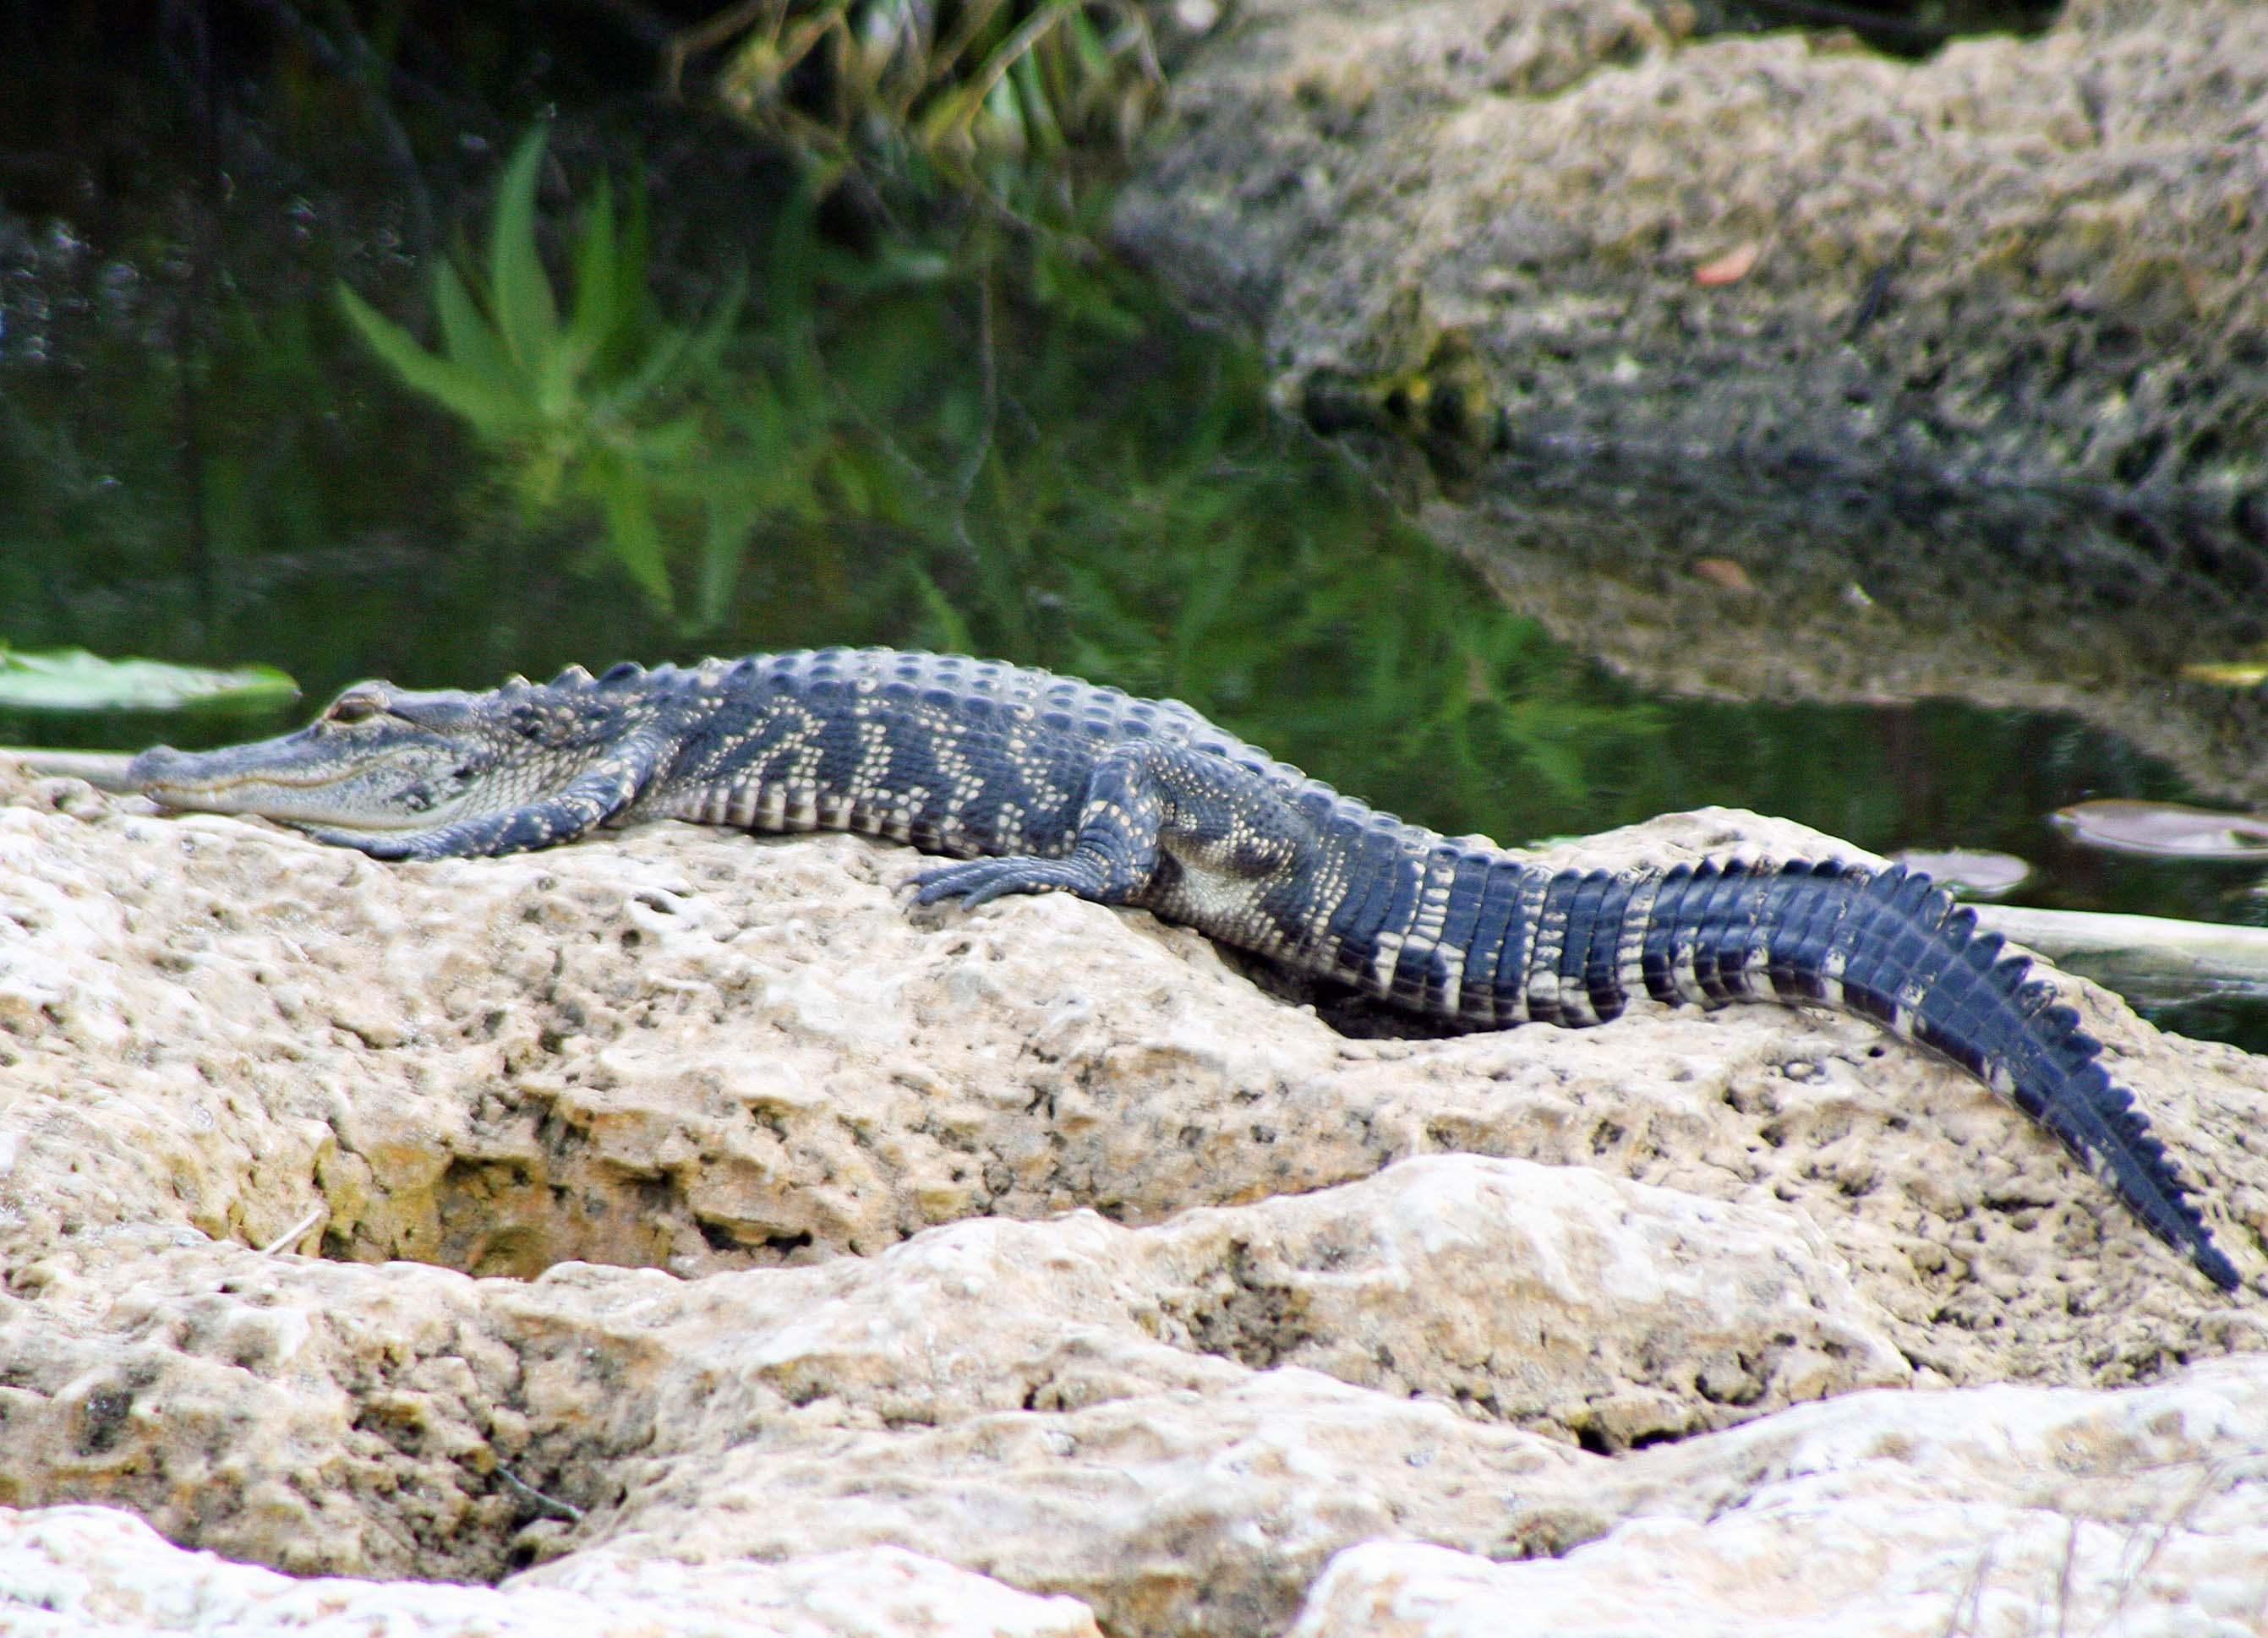 Alligator sunbathing in the Florida Everglades.